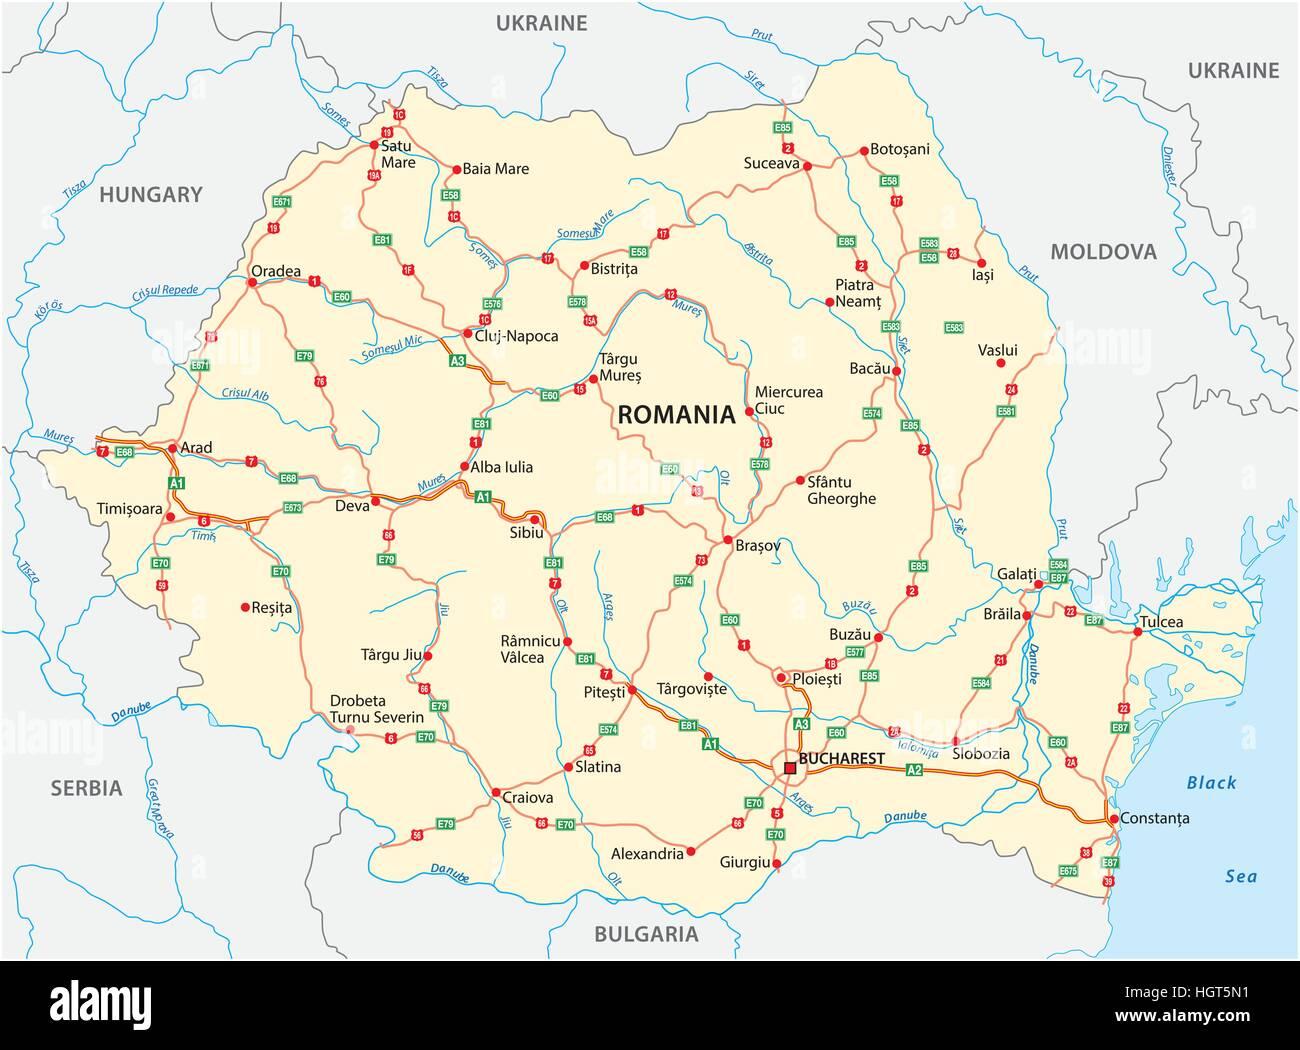 Romania Cartina Stradale.Vettore Mappa Stradale Dei Paesi Dell Est Europeo Membro Della Romania Immagine E Vettoriale Alamy